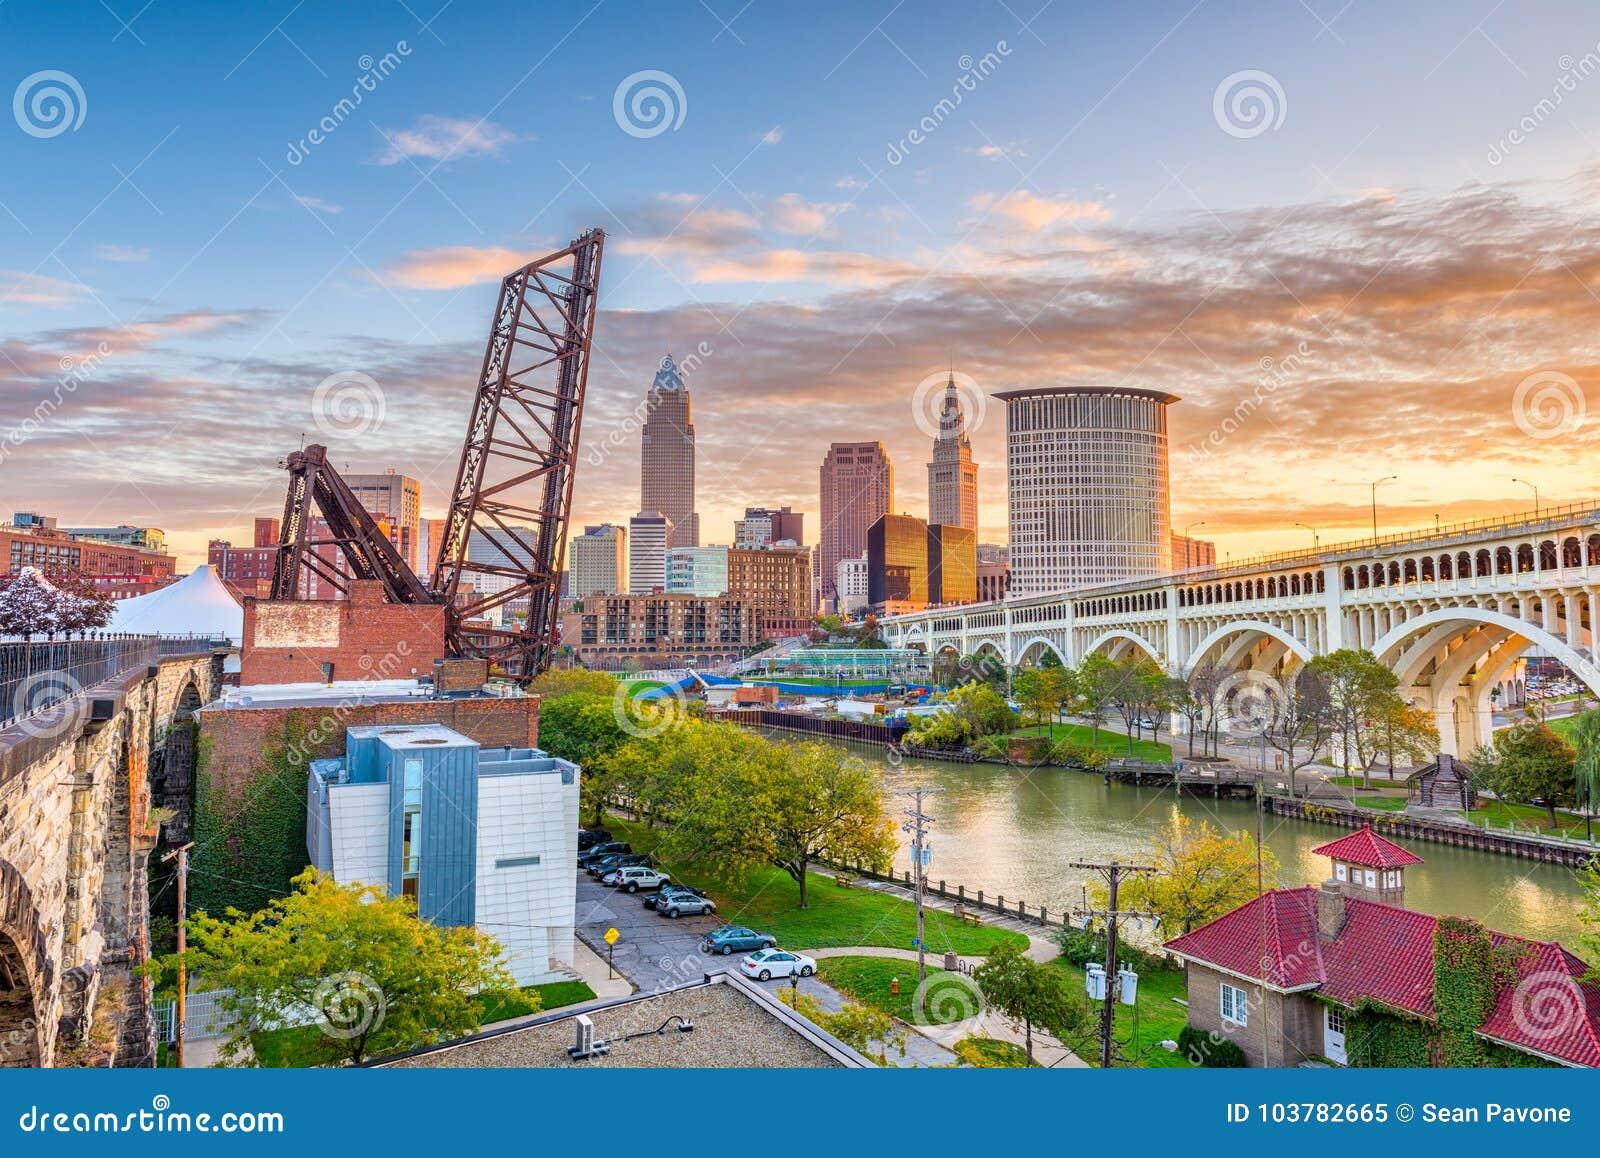 Кливленд, Огайо, США